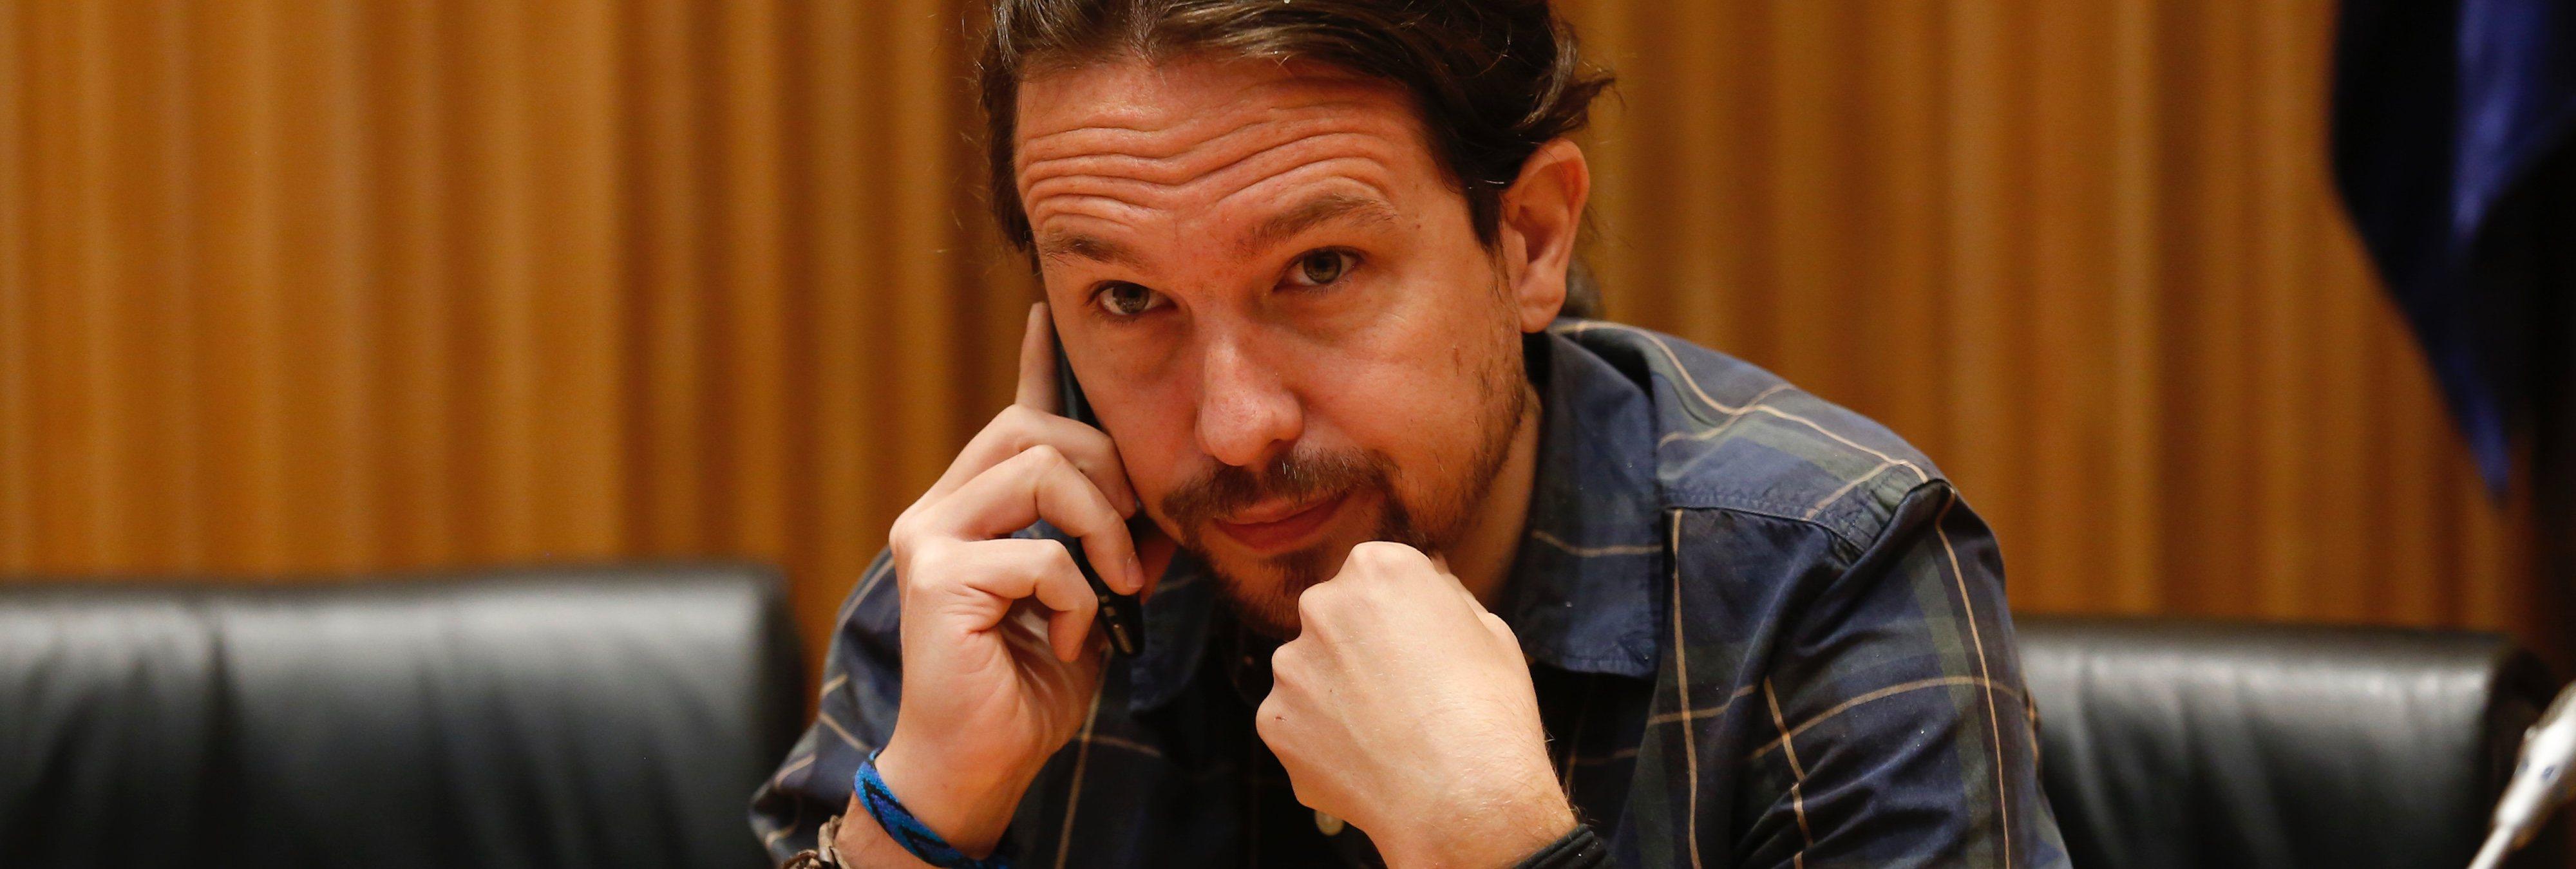 Los datos privados de Pablo Iglesias en el móvil de Dina Bousselham: así se robaron